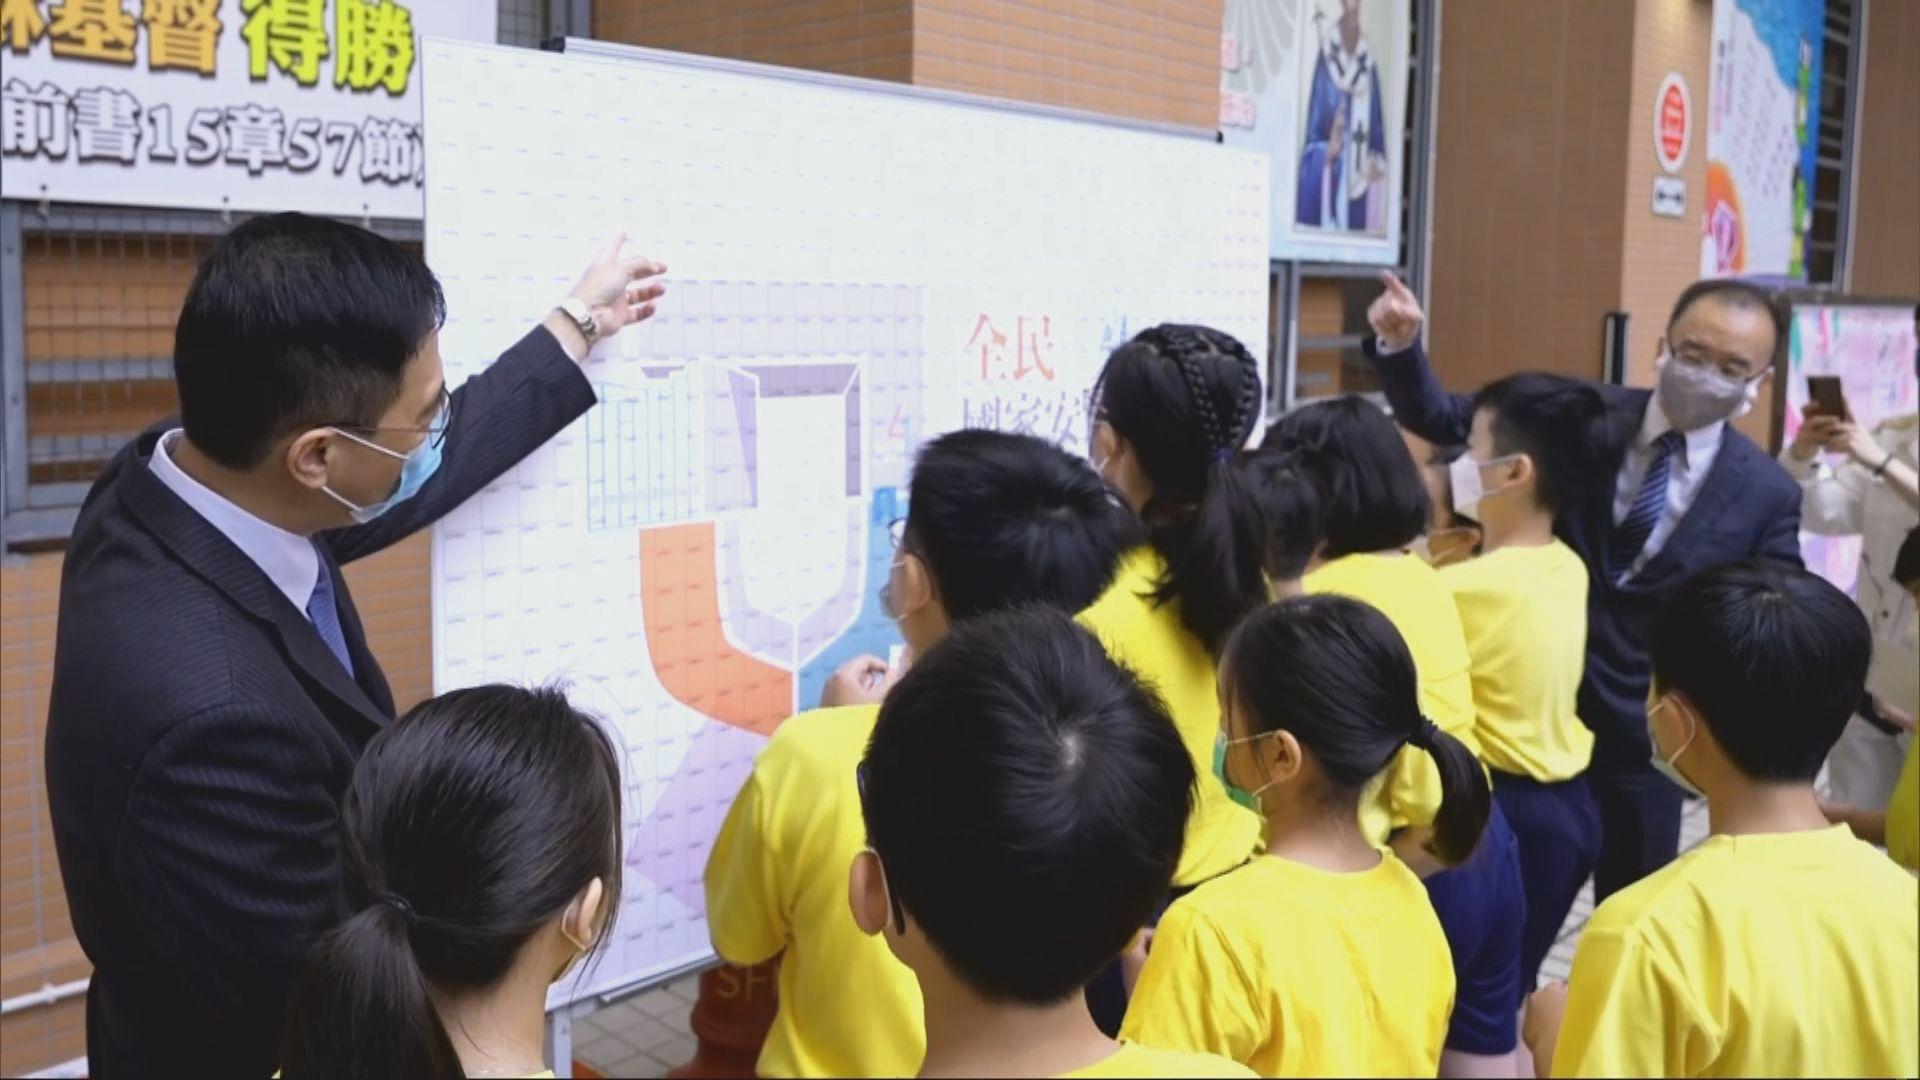 楊潤雄:「多重進路」支援學校展開國安教育